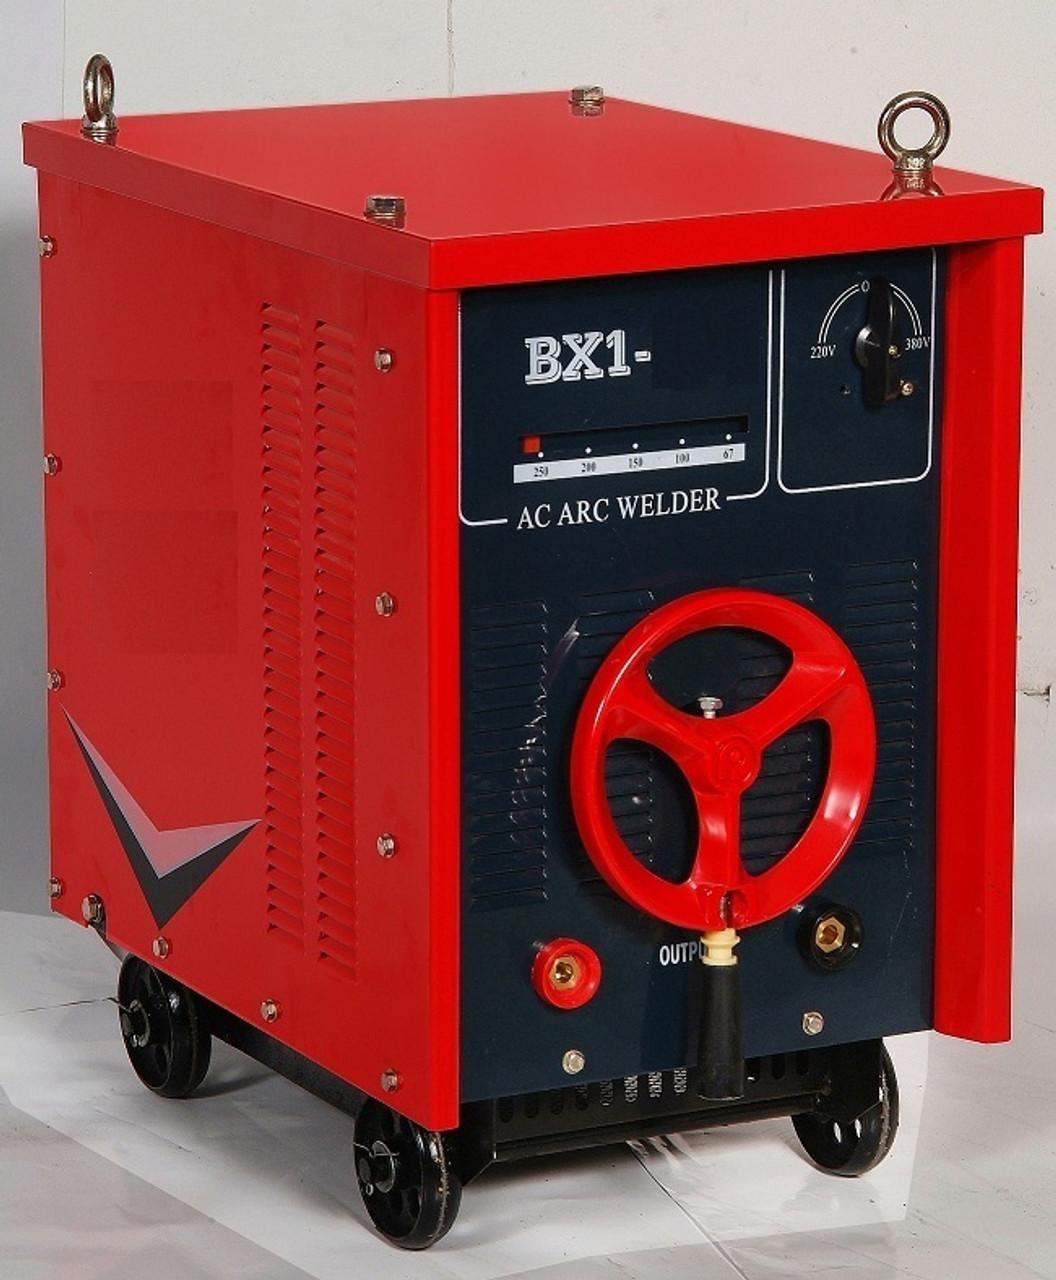 hight resolution of power flex welding machine single phase 250 amps ac arc welder gz nigeria